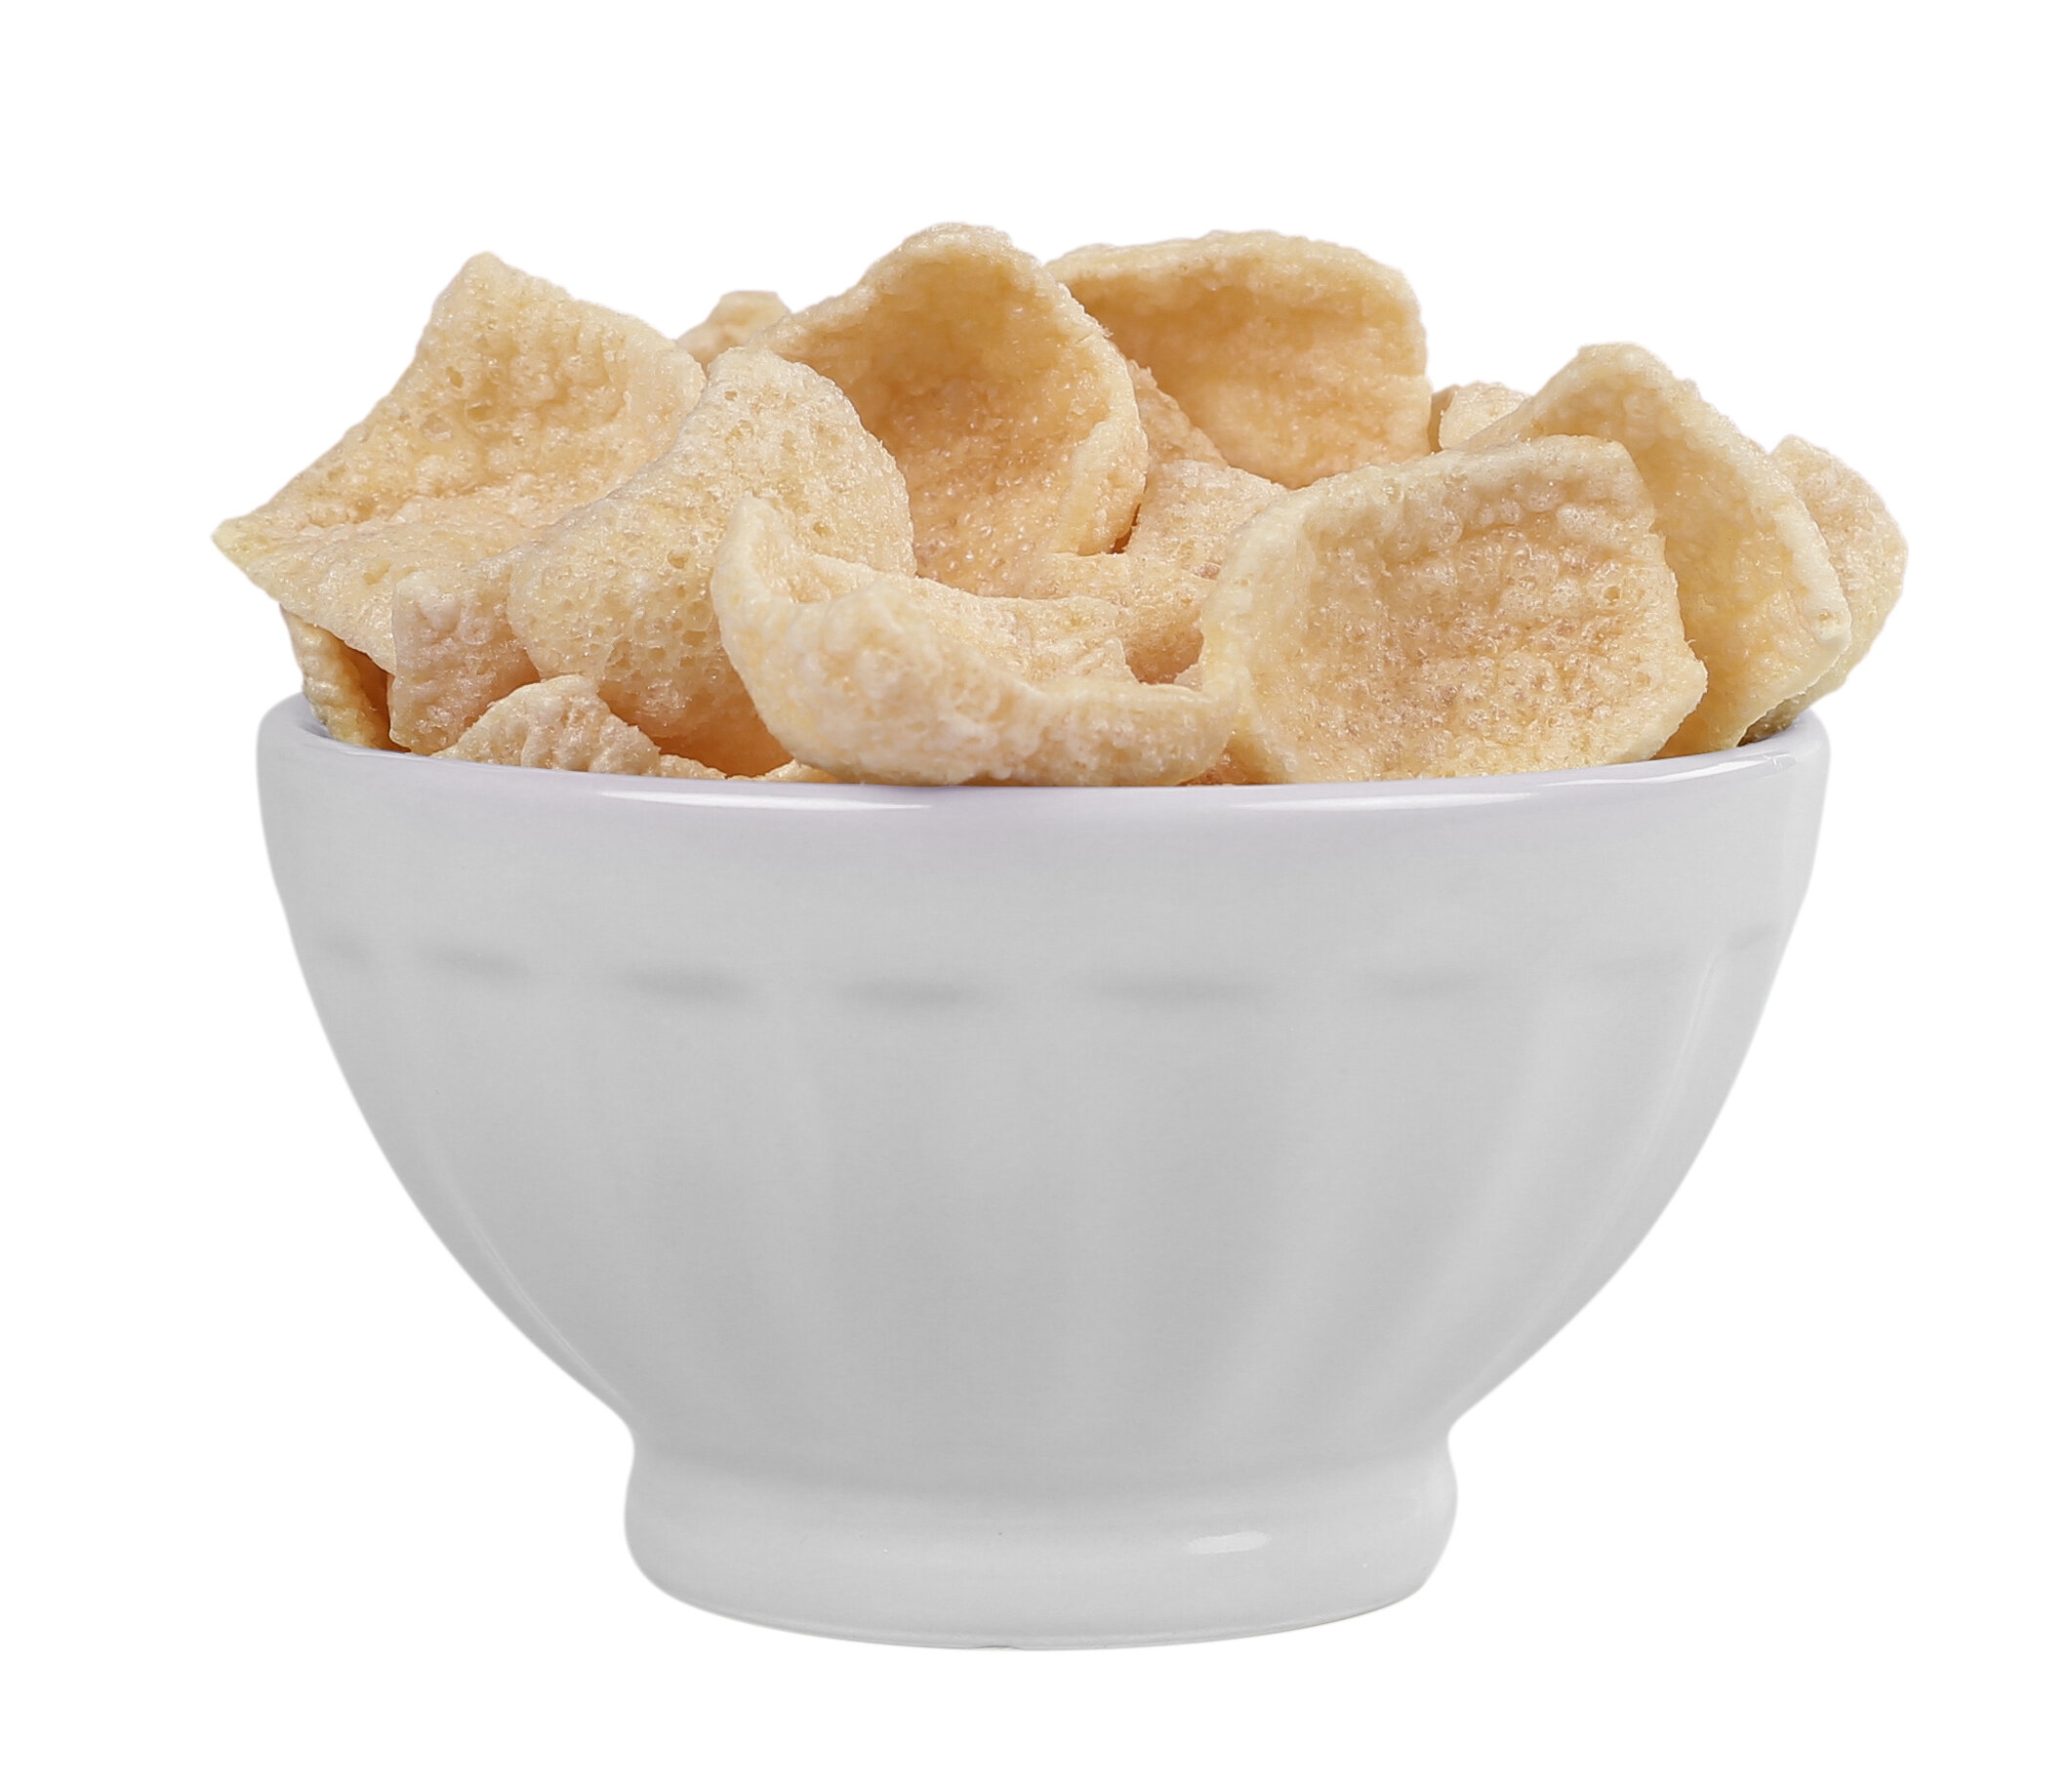 Porkless-Rindz-Chickpea-Chips.jpg